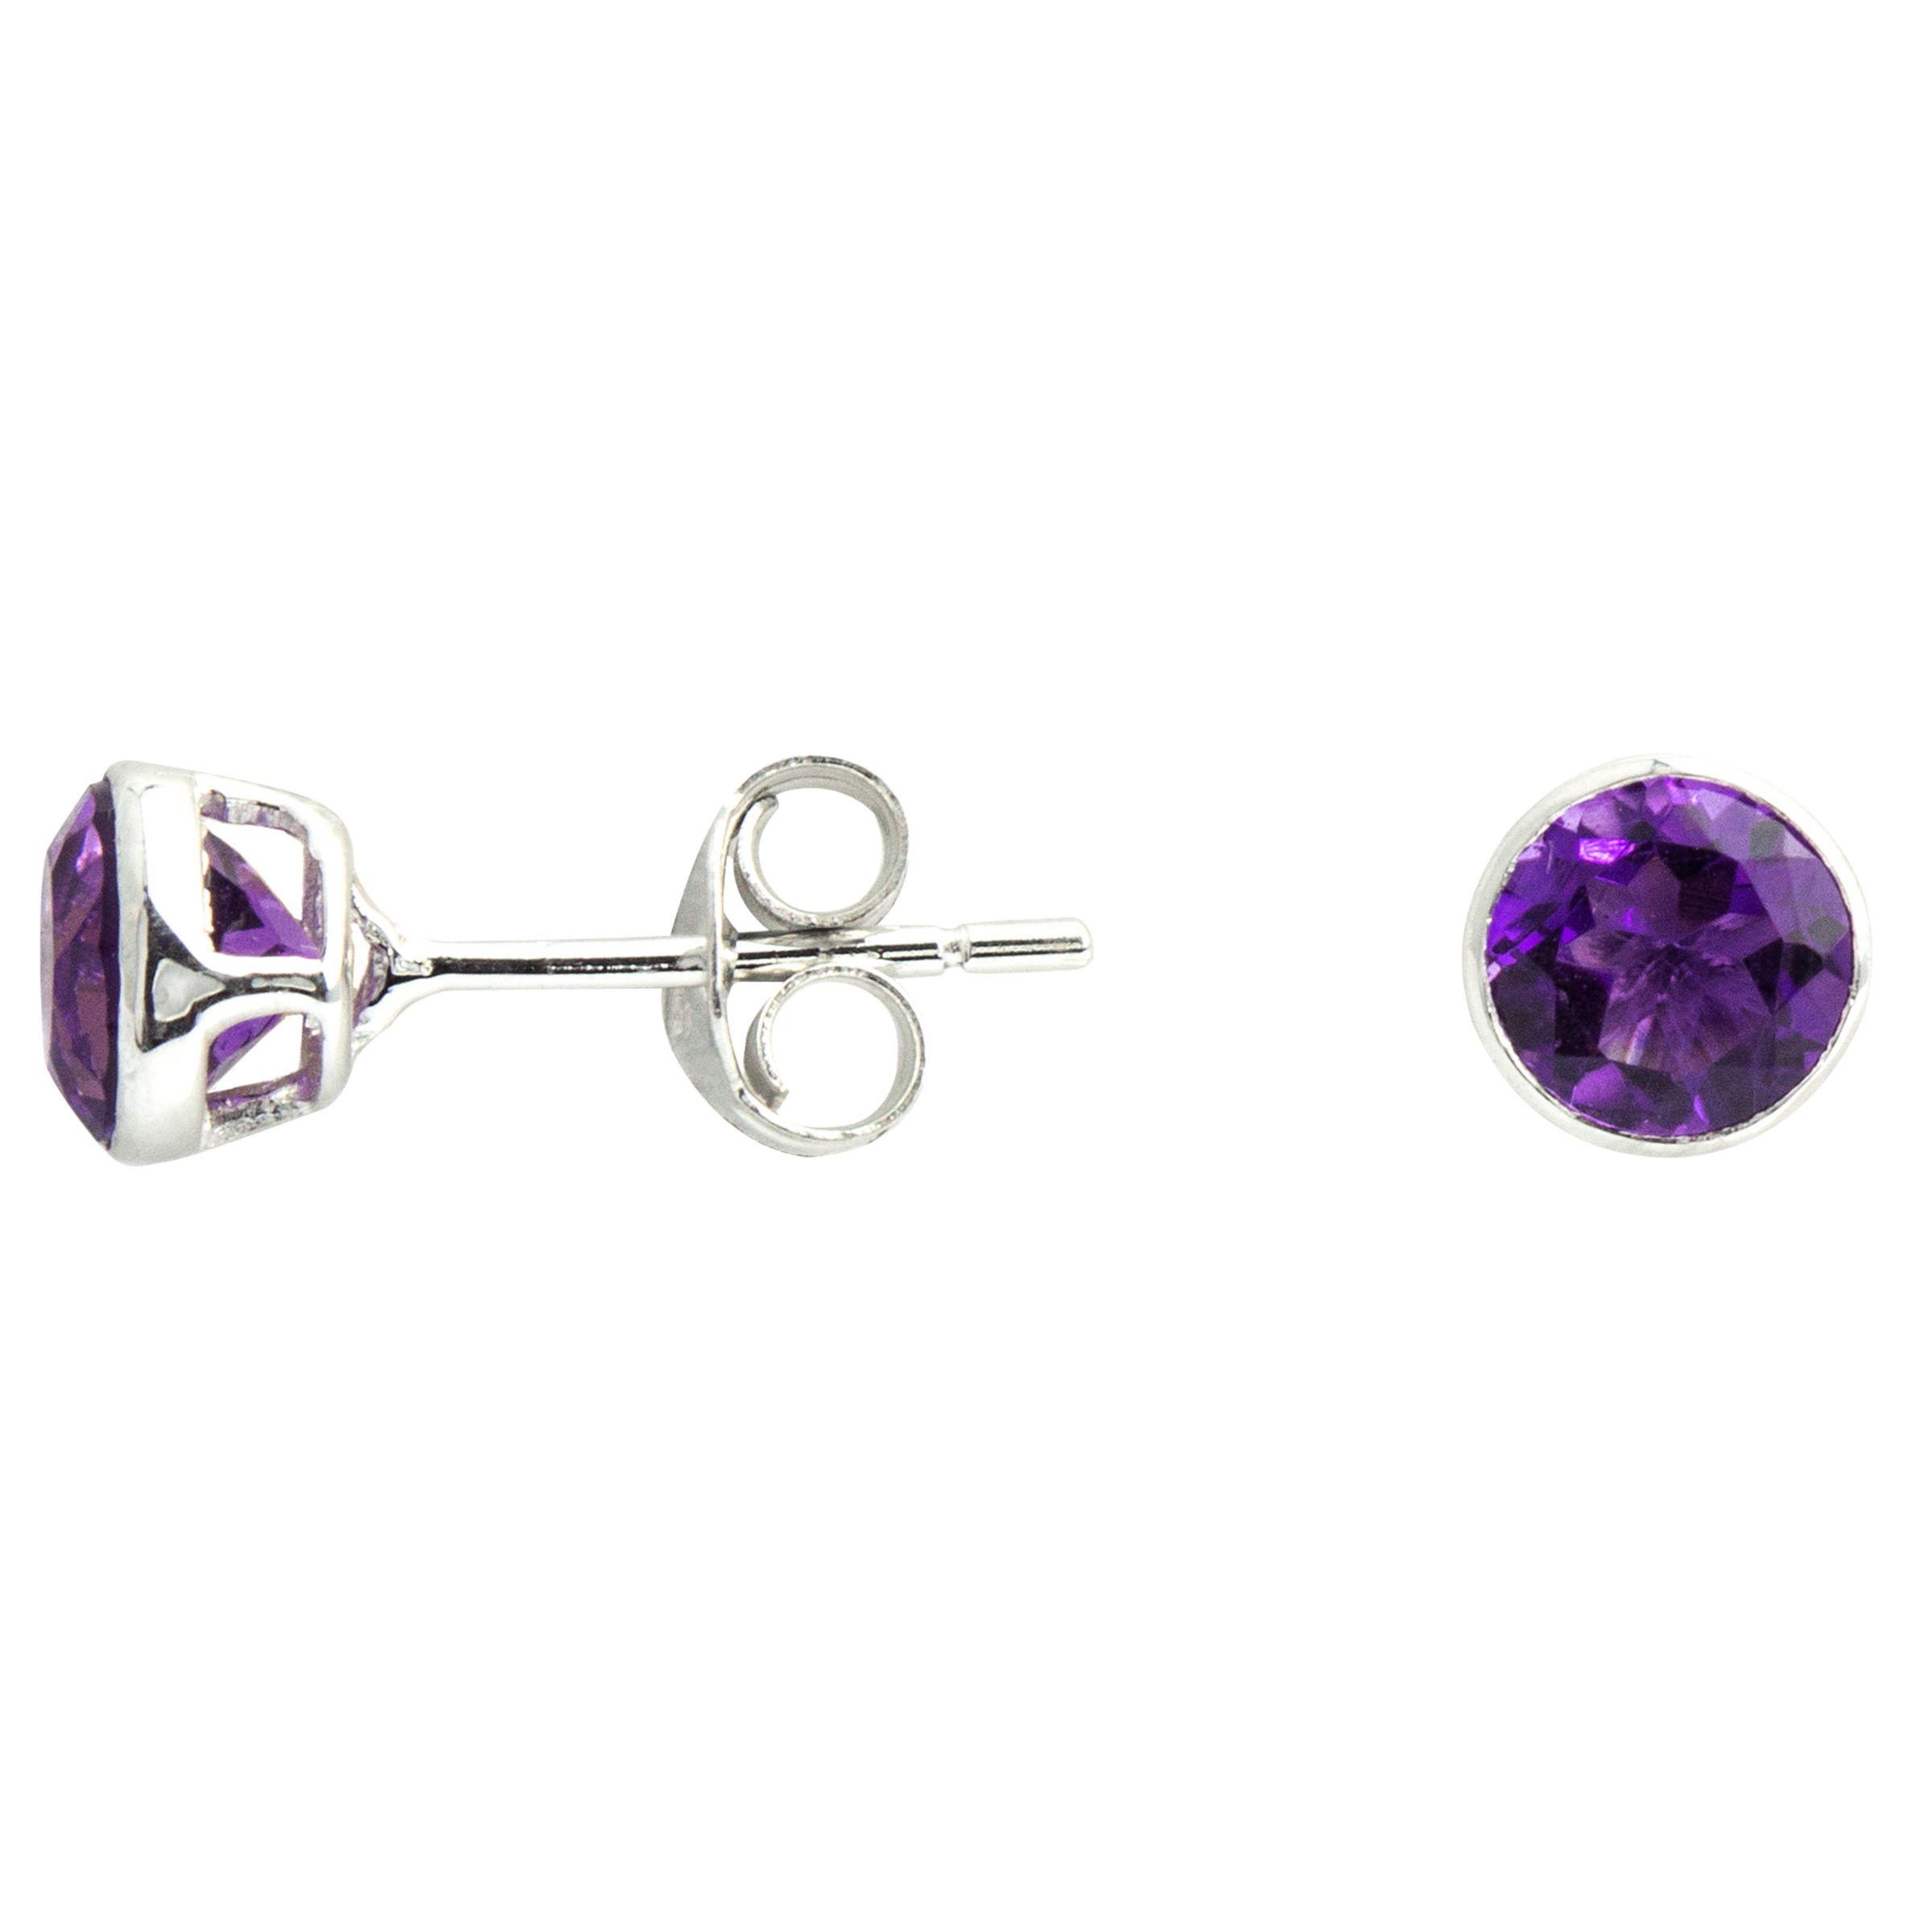 A B Davis A B Davis Round Amethyst Stud Earrings, Purple